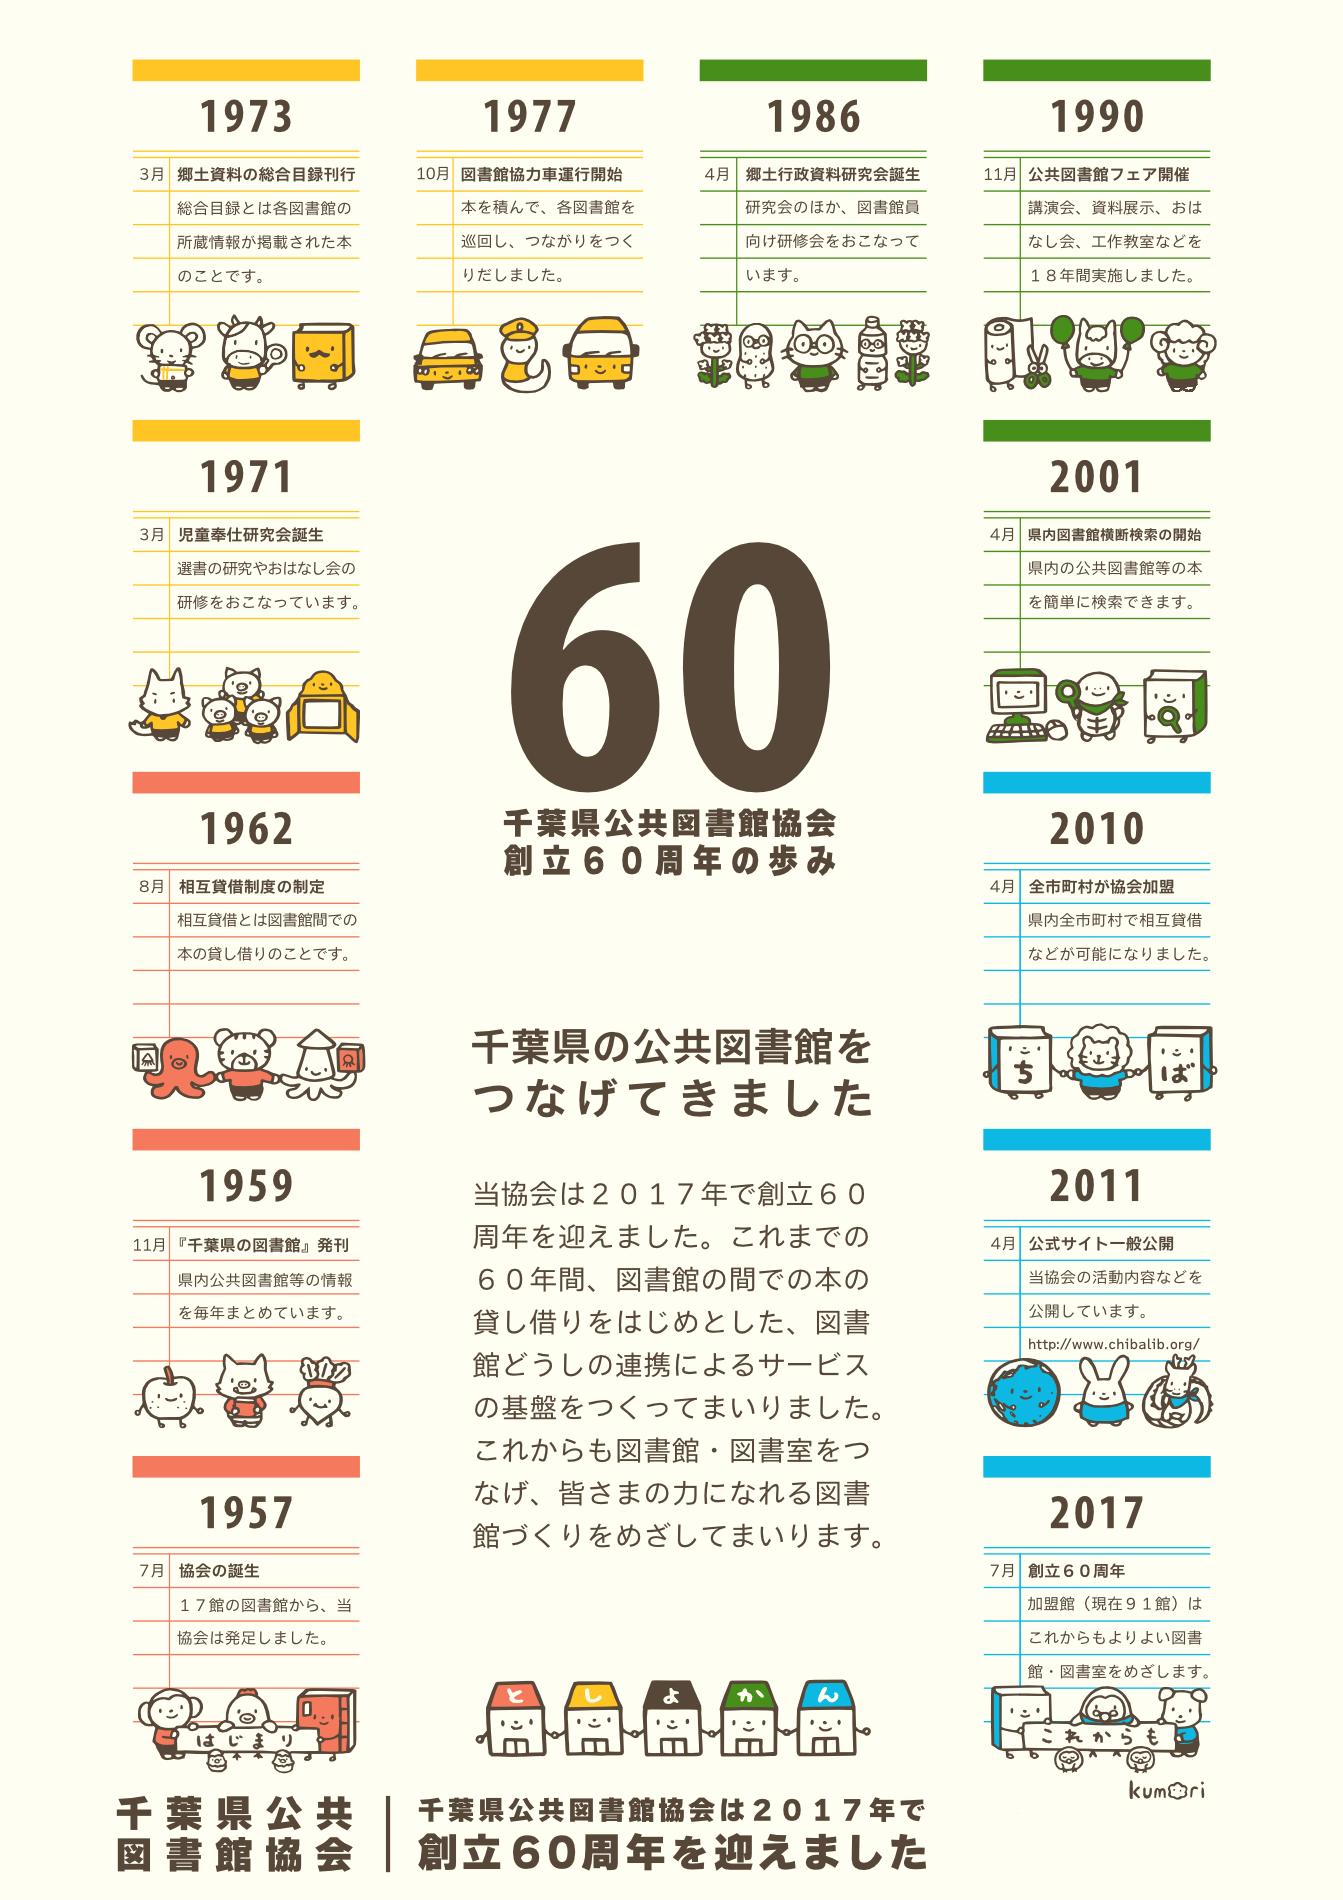 千葉県公共図書館協会 創立60周年の歩みポスター